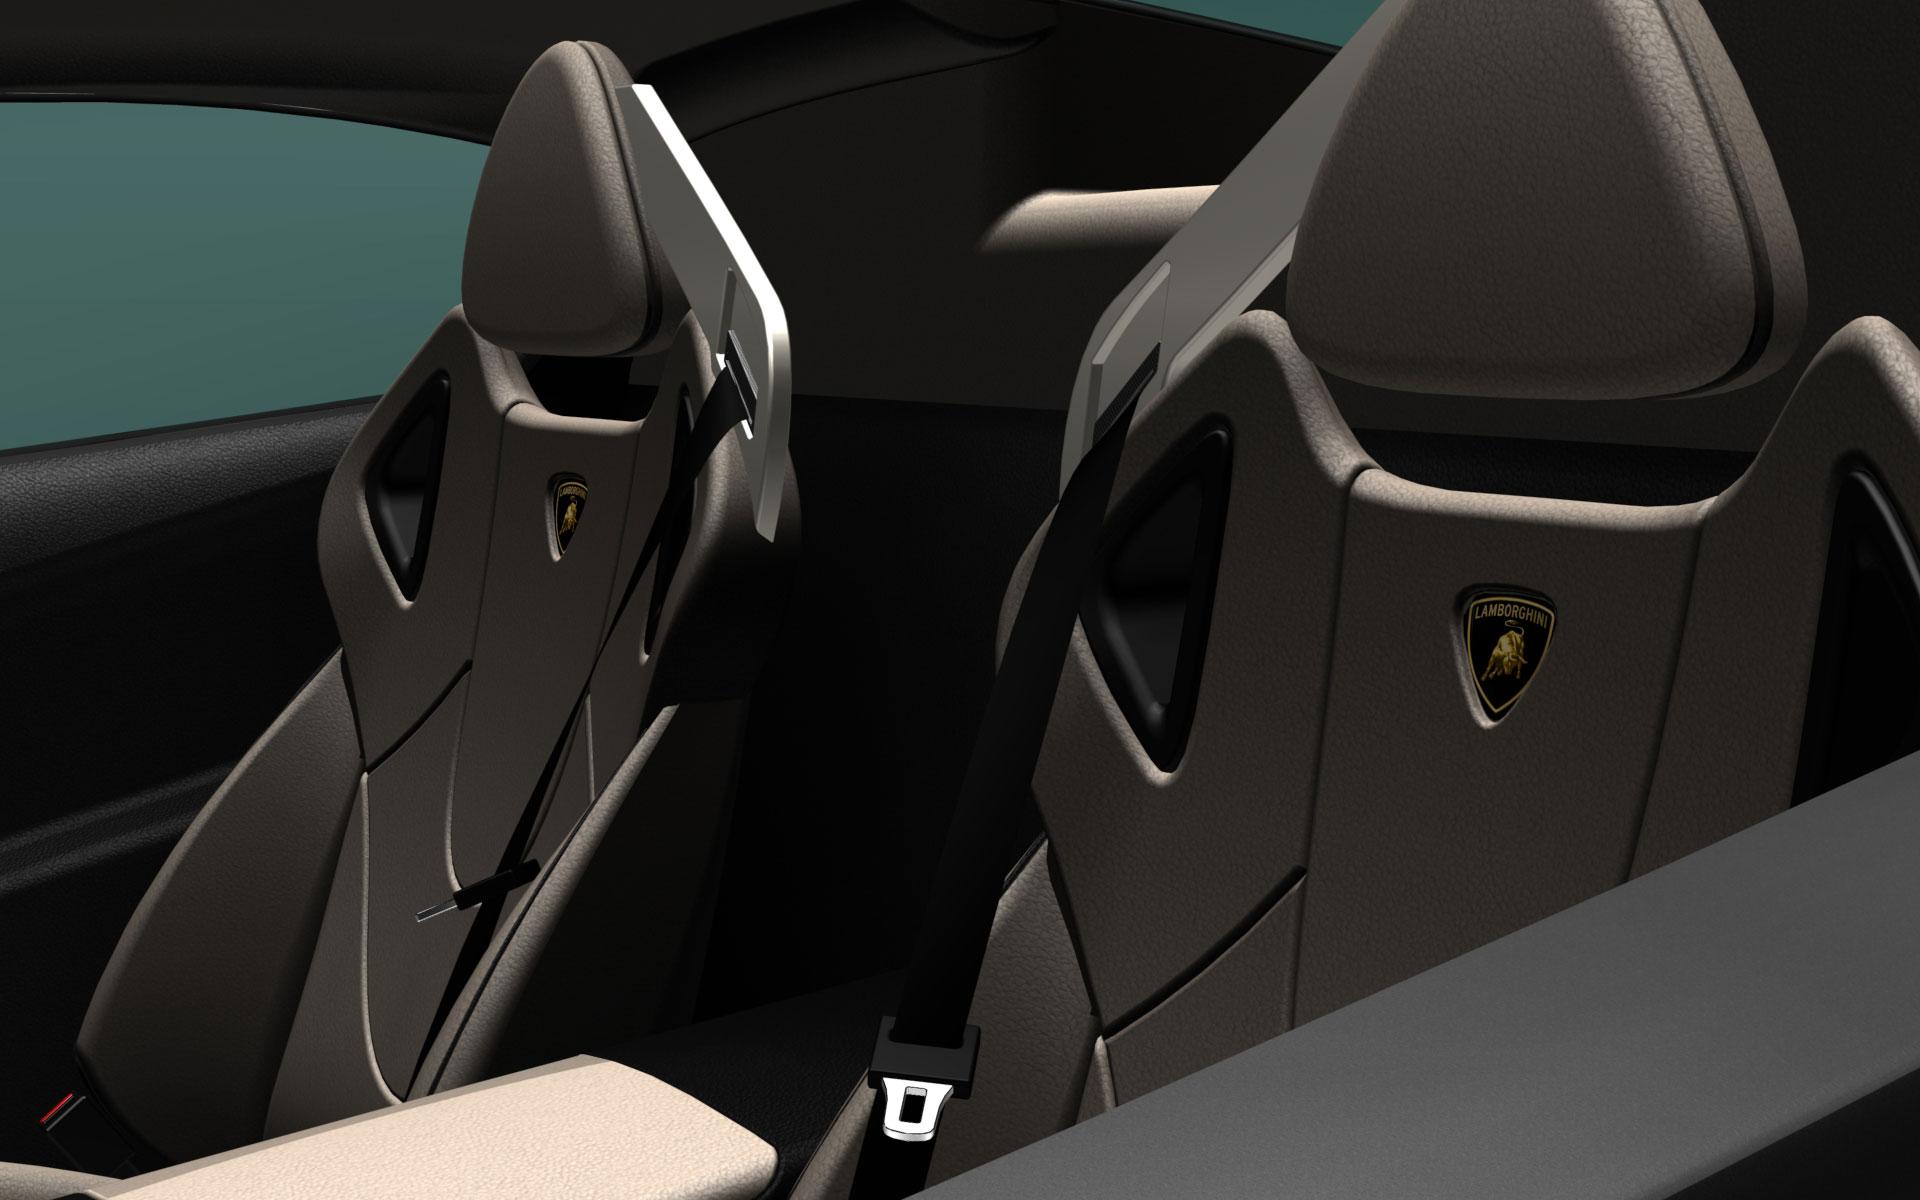 Lamborghini Murcielago Interior Rendering Car Body Design